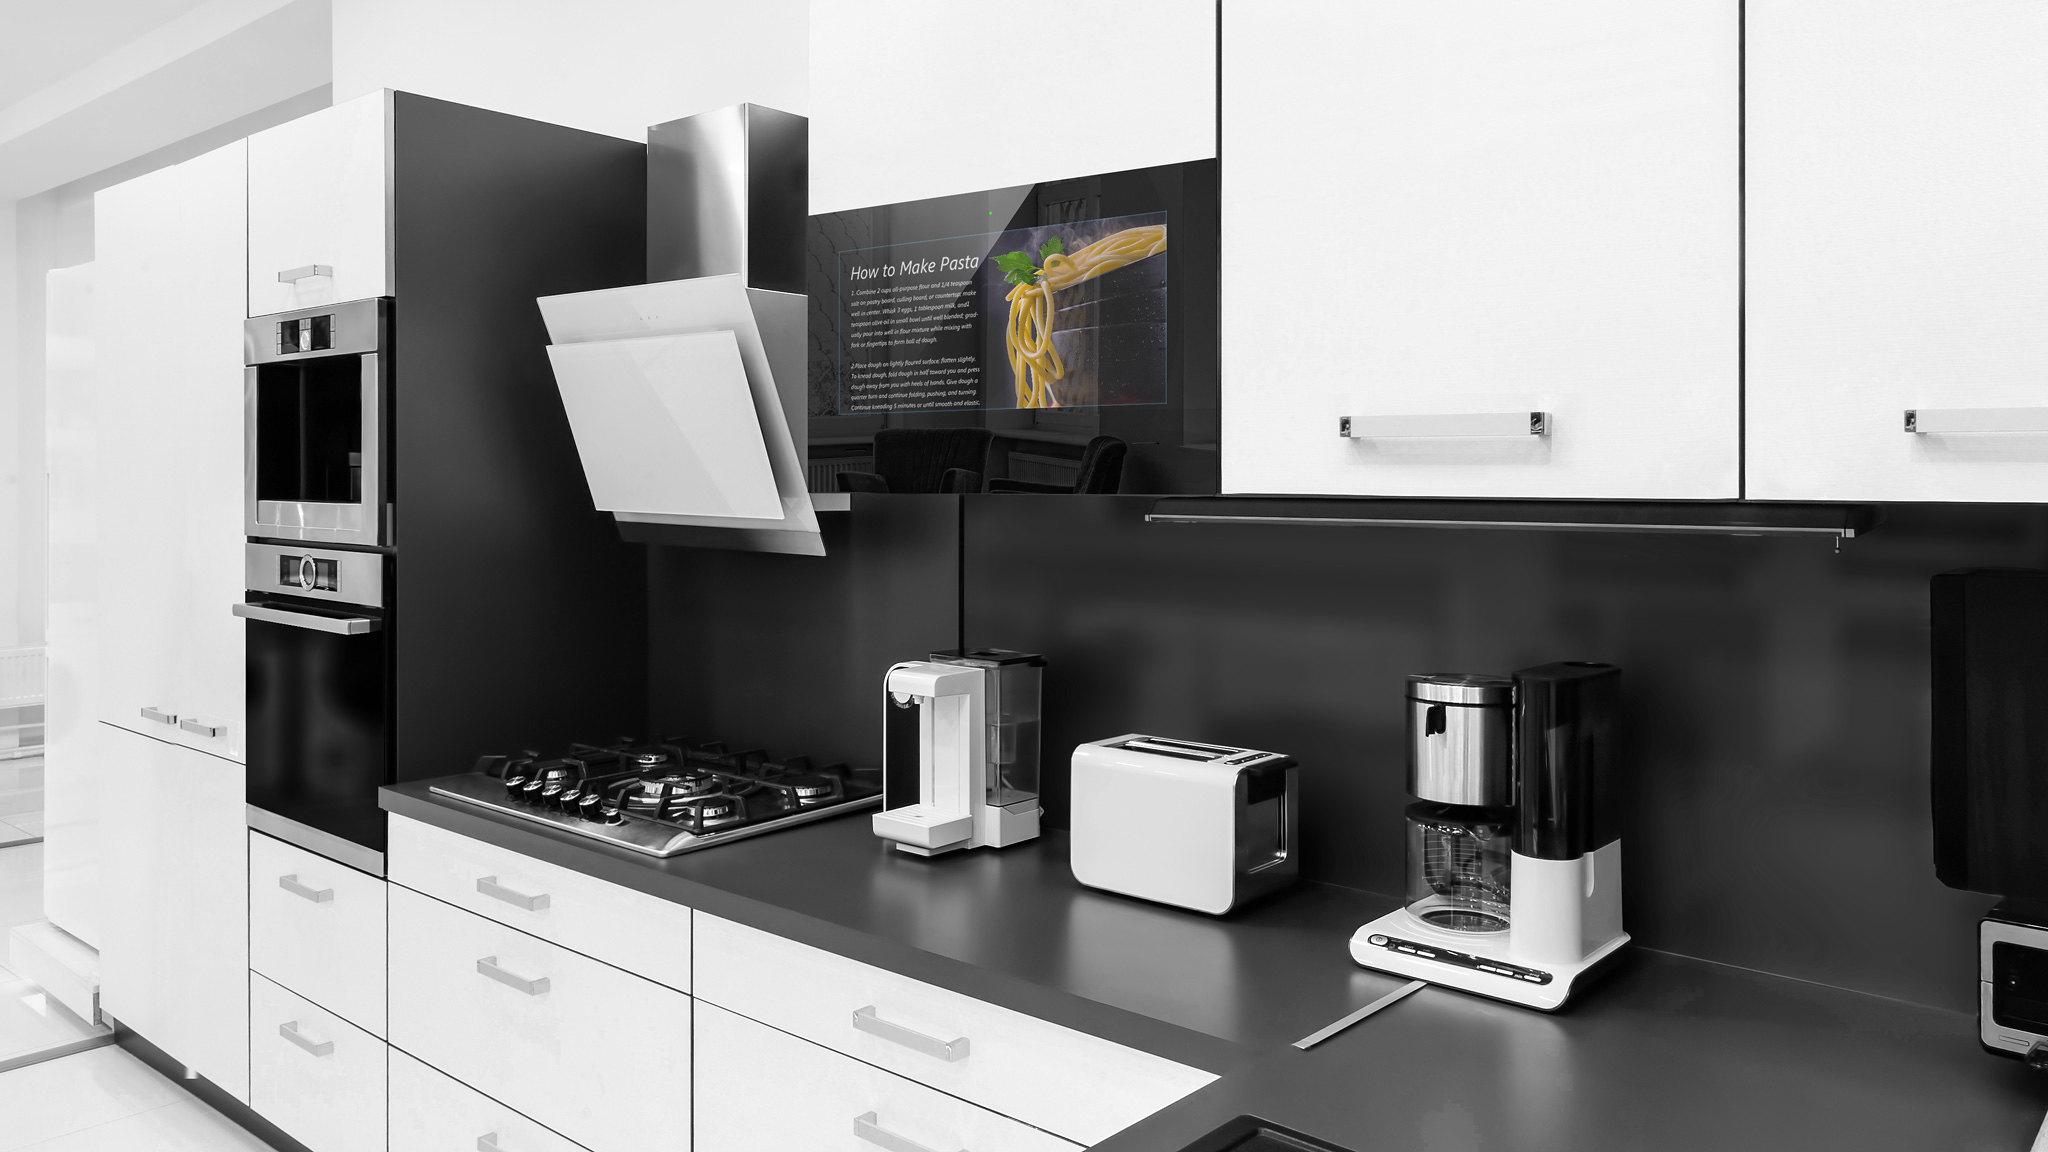 Fernseher Für Küche | Kuchen Fernseher Smart Tv Touchscreen 21 5 Zoll 54 Cm Android